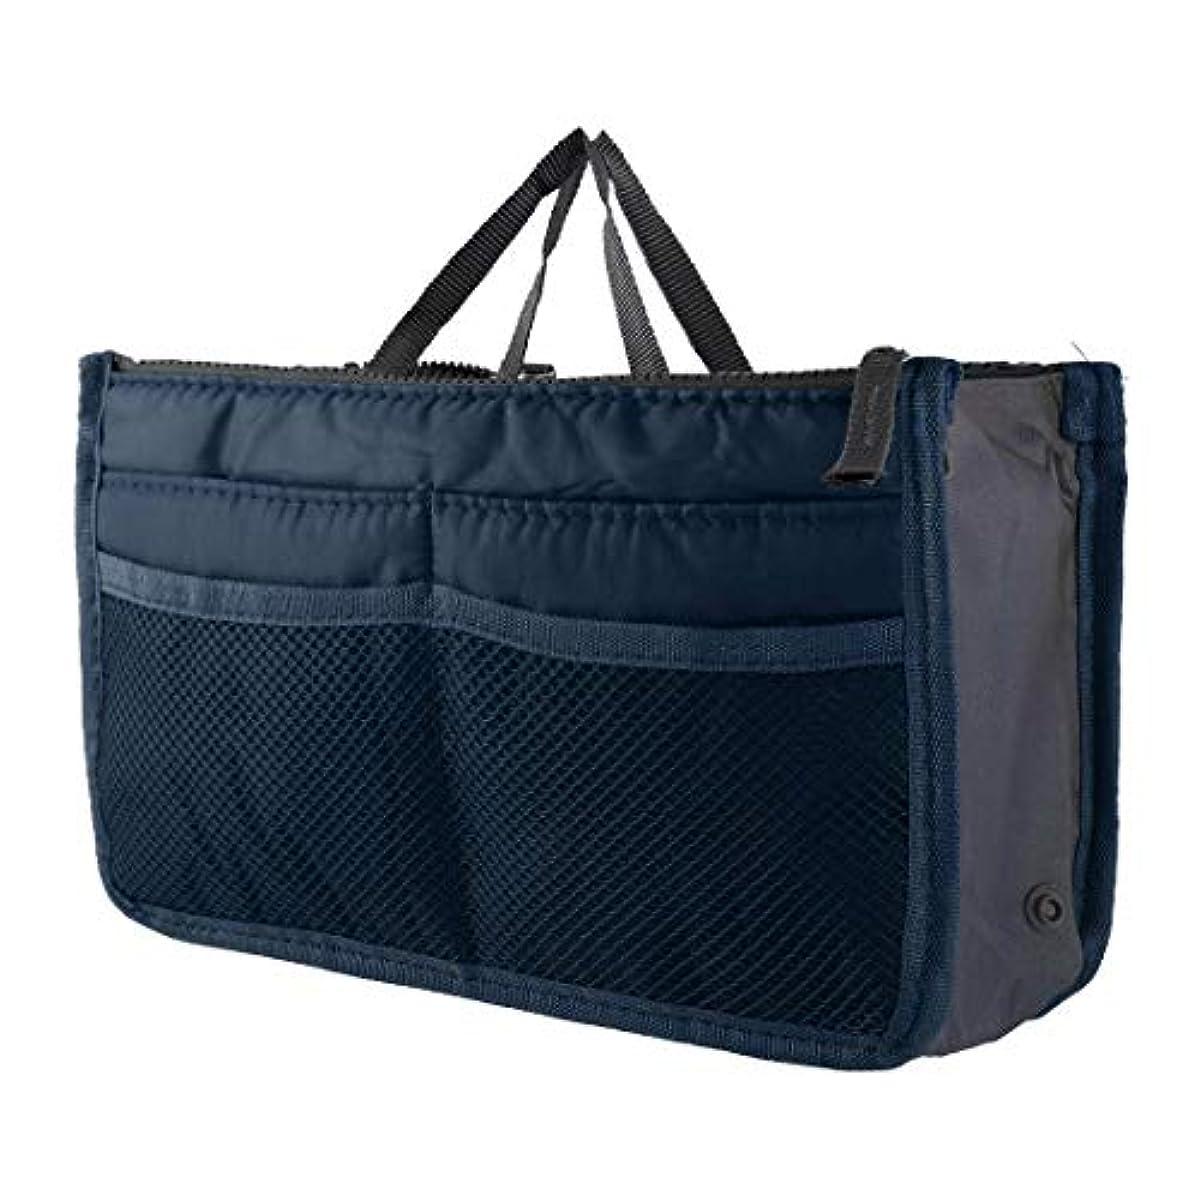 郵便屋さんあえて不安FidgetGear Large Womens Wash Bag Toiletry Cosmetic Travel Make Up Handle Folding Organizer Navy Blue